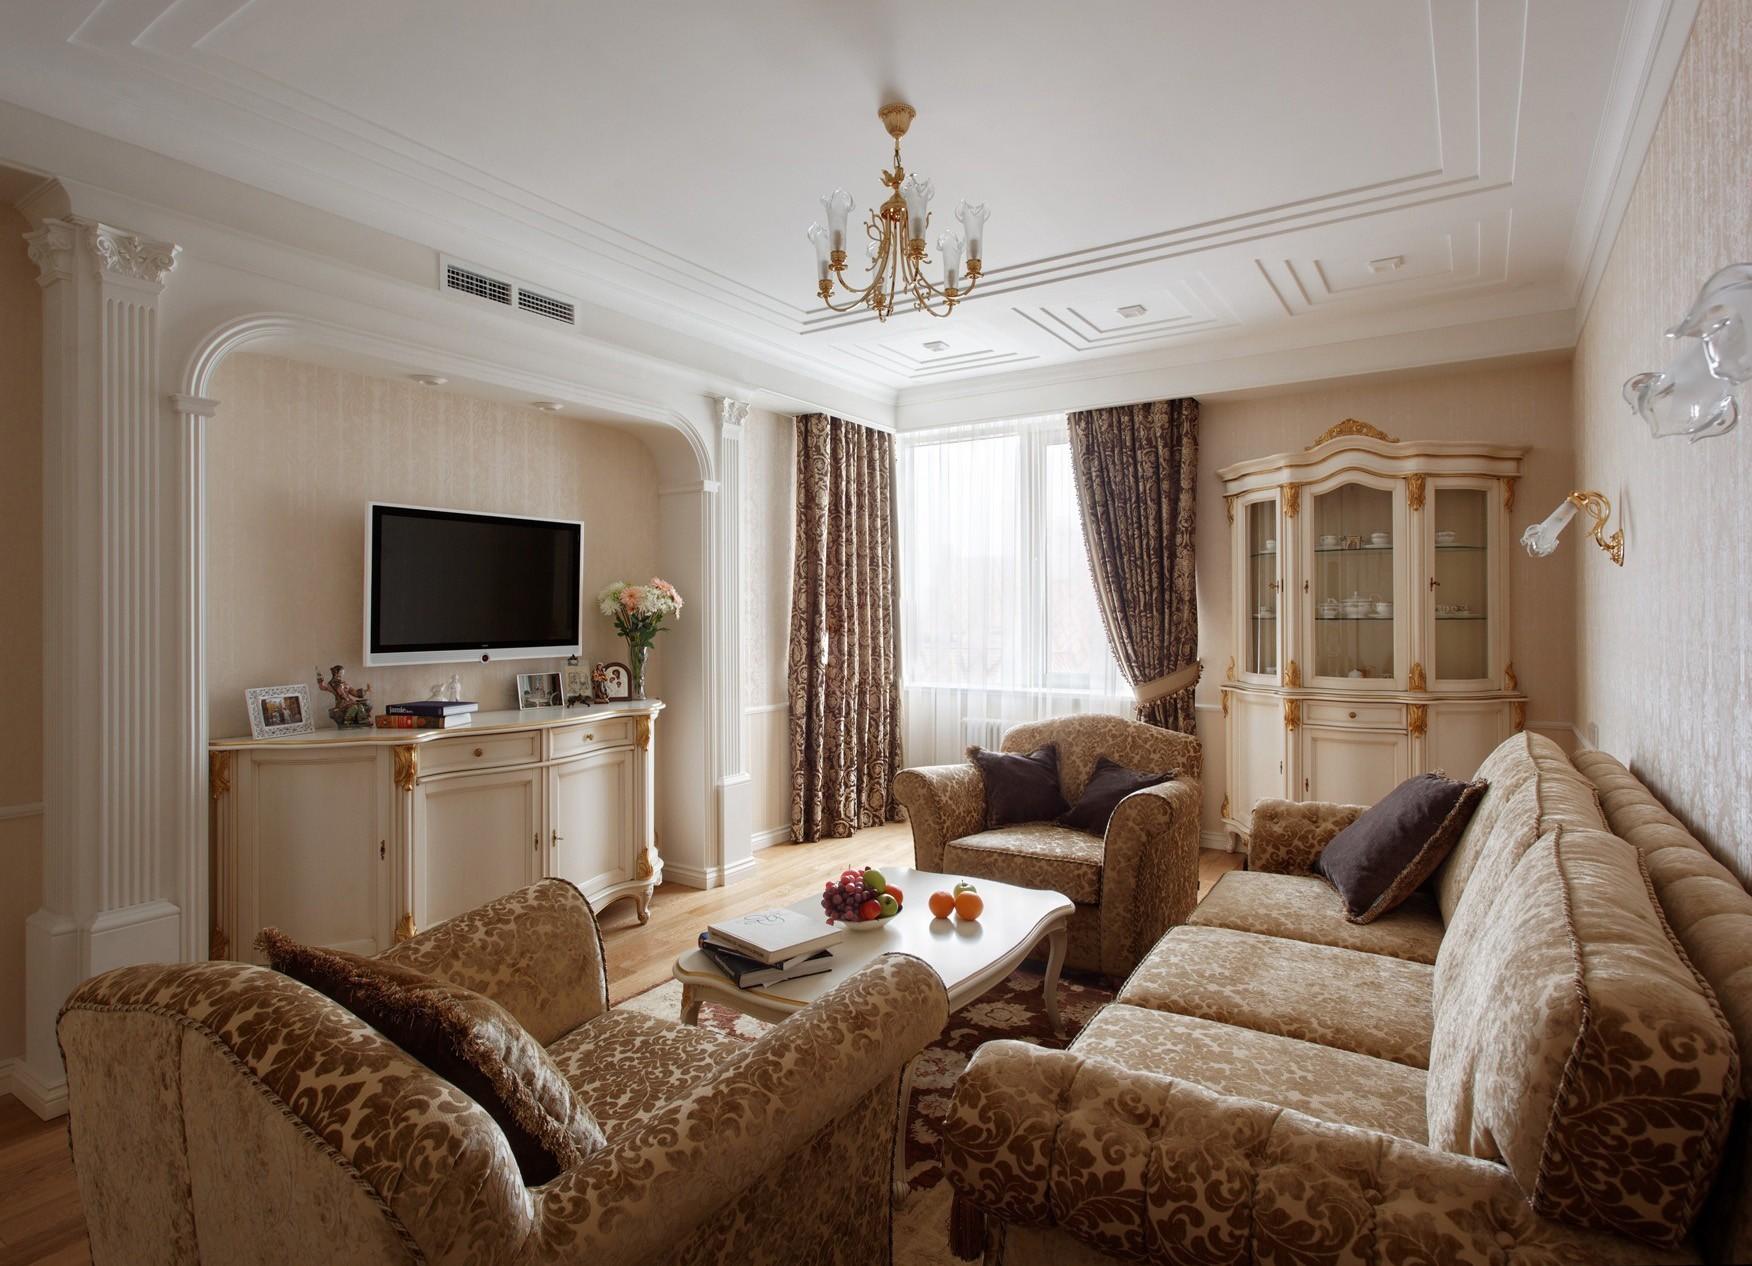 скрипит, очень красивые квартиры классика фото смотреть нас можно